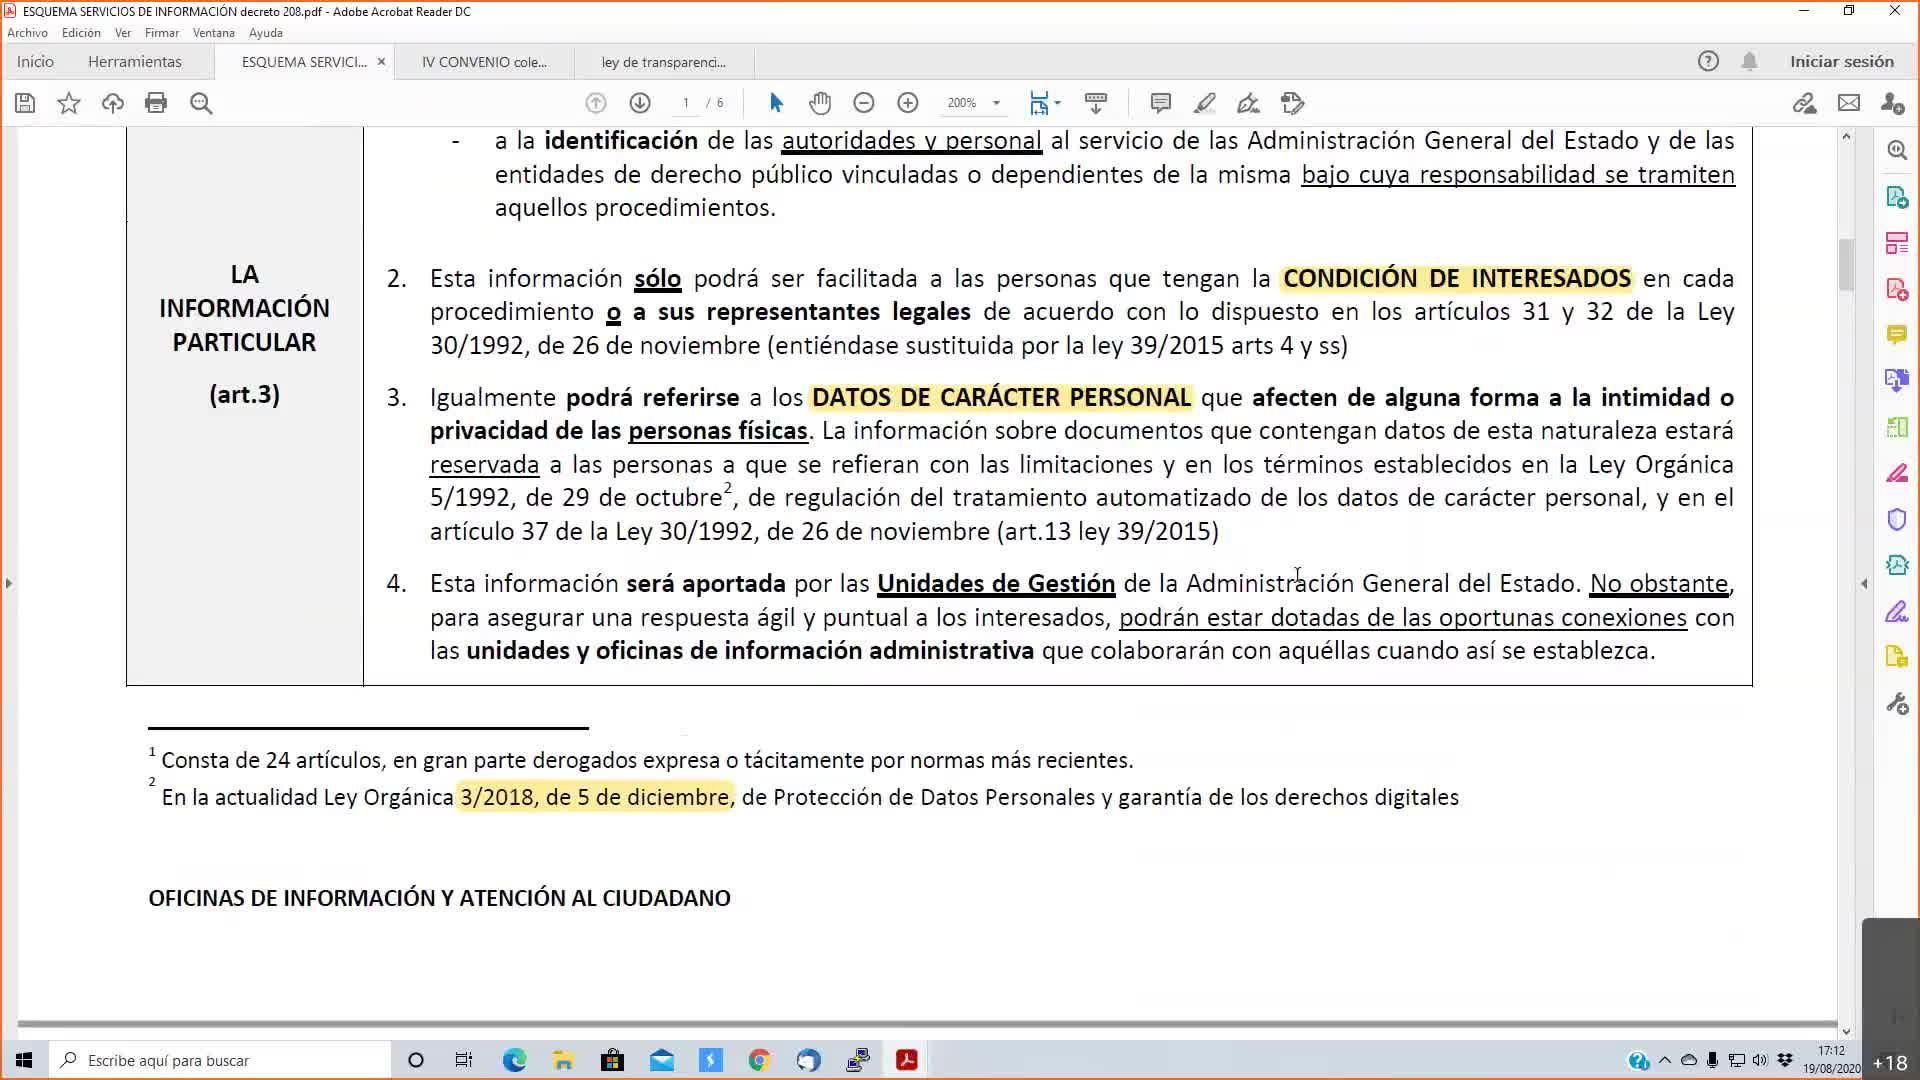 OFICINAS PUBLICAS 19-08-2020